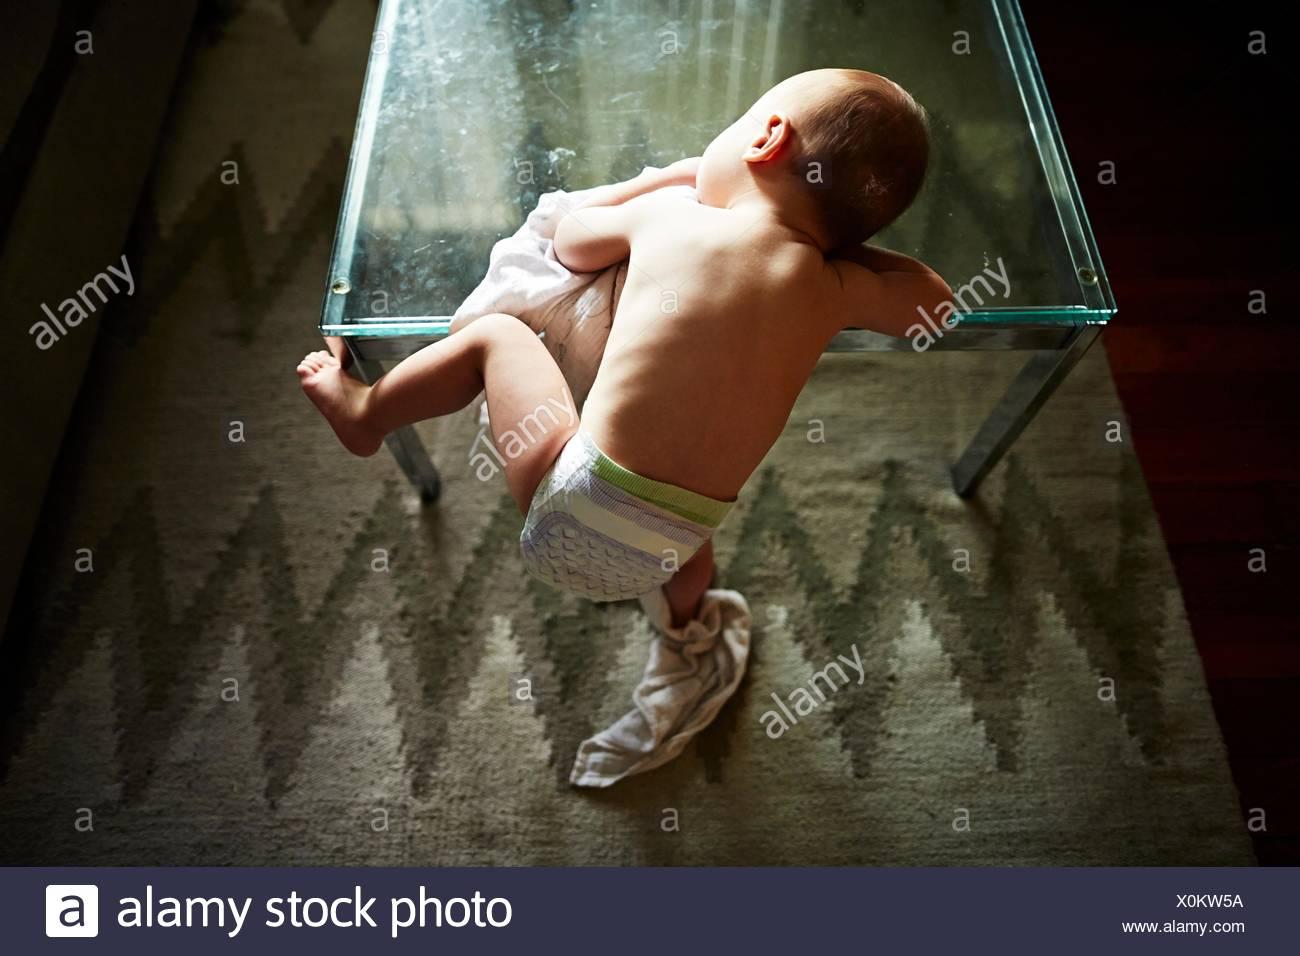 Demi-garçon grimper sur une table en verre Photo Stock